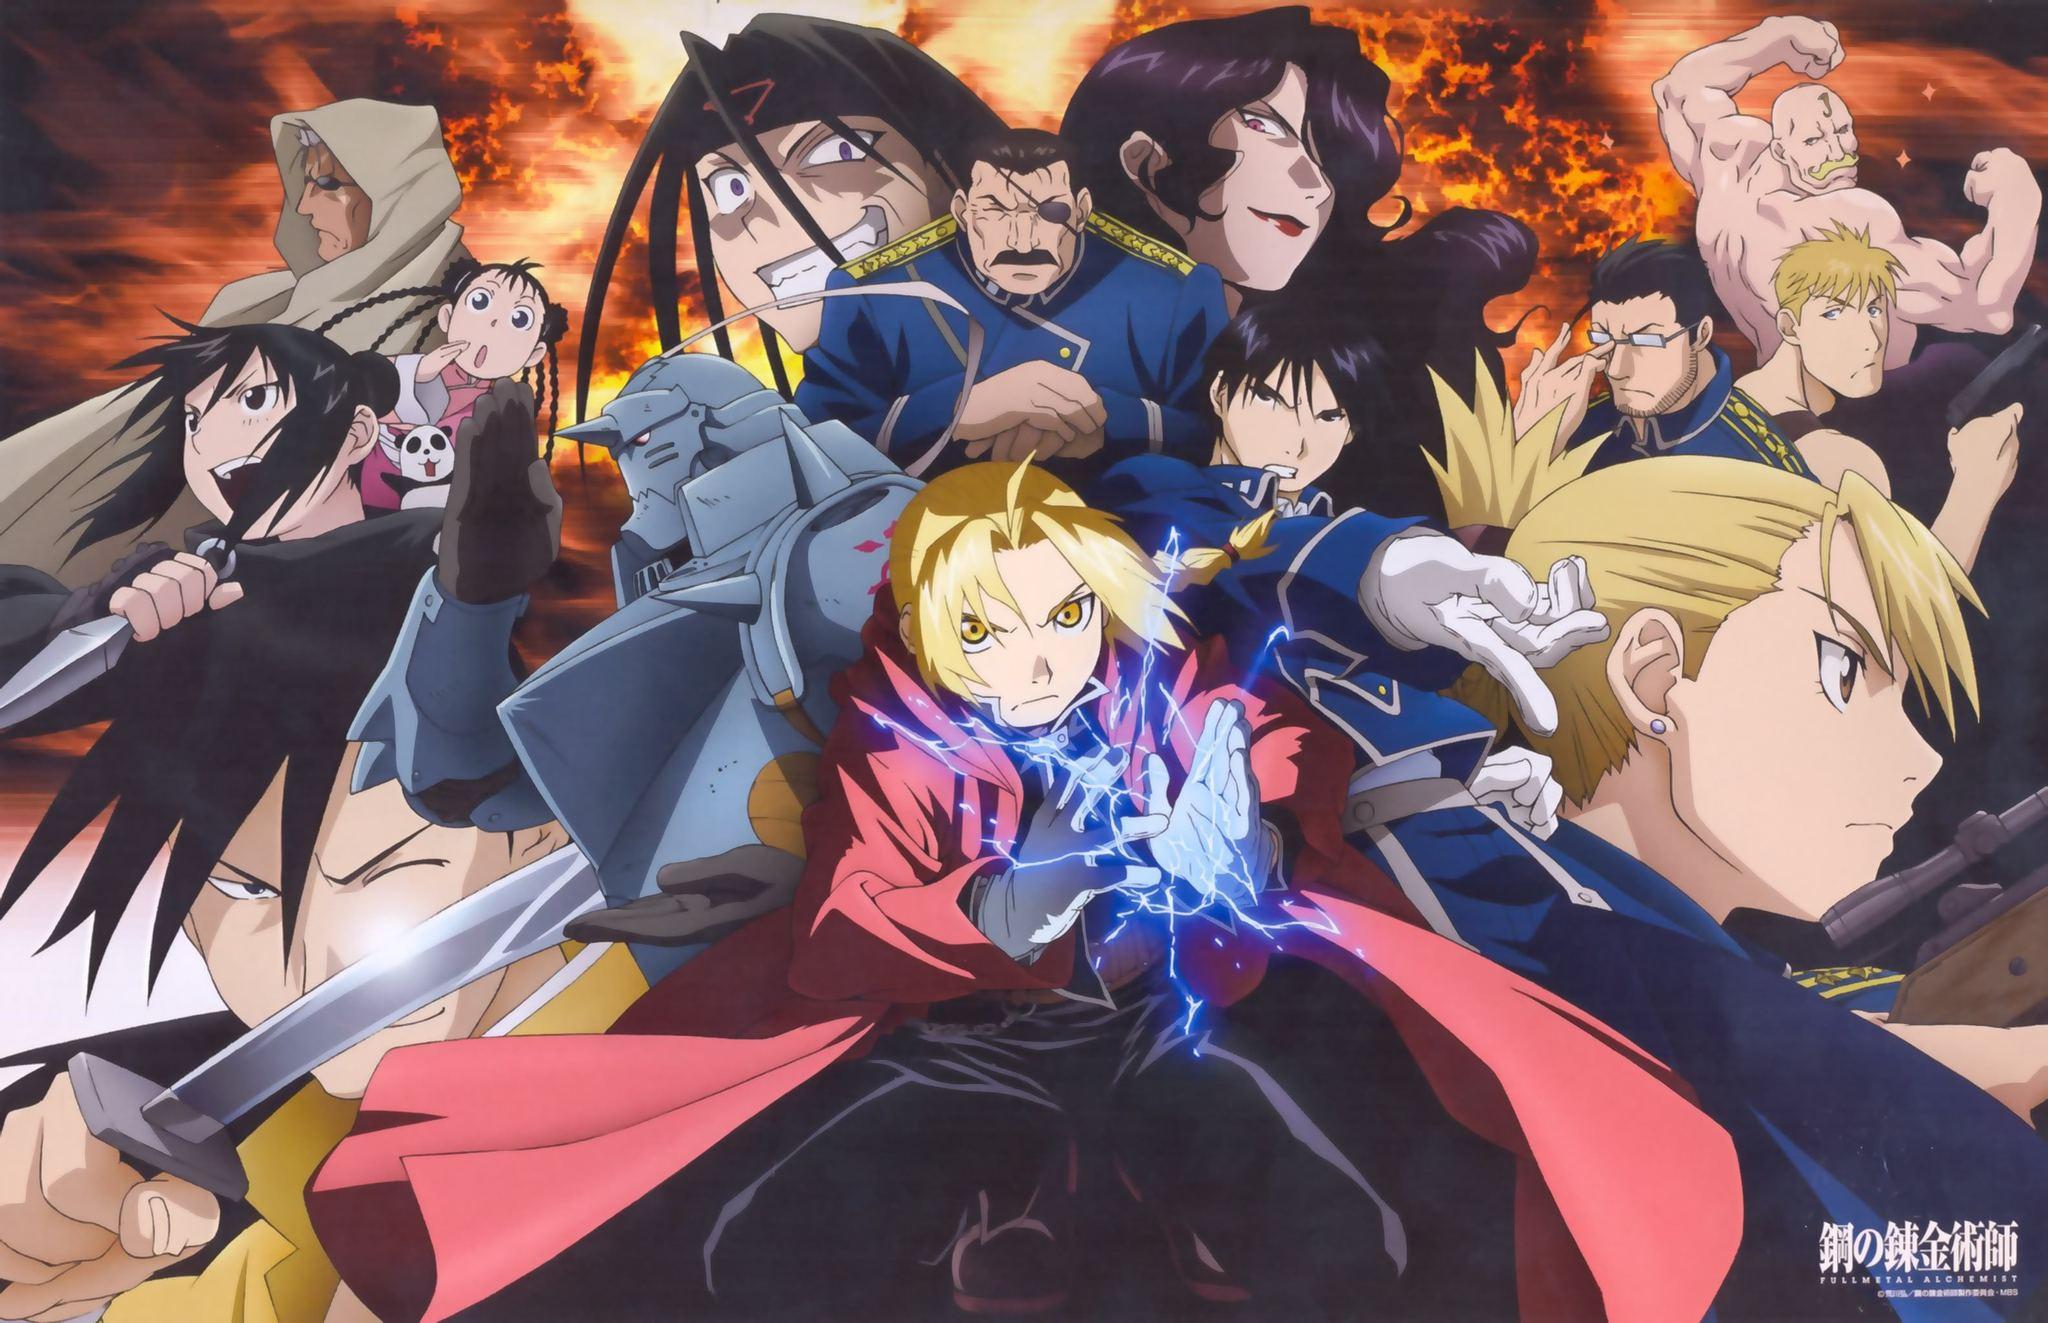 Jual dvd anime hd fullmetal alchemist brotherhood tv movie ova sp ryofu tokopedia